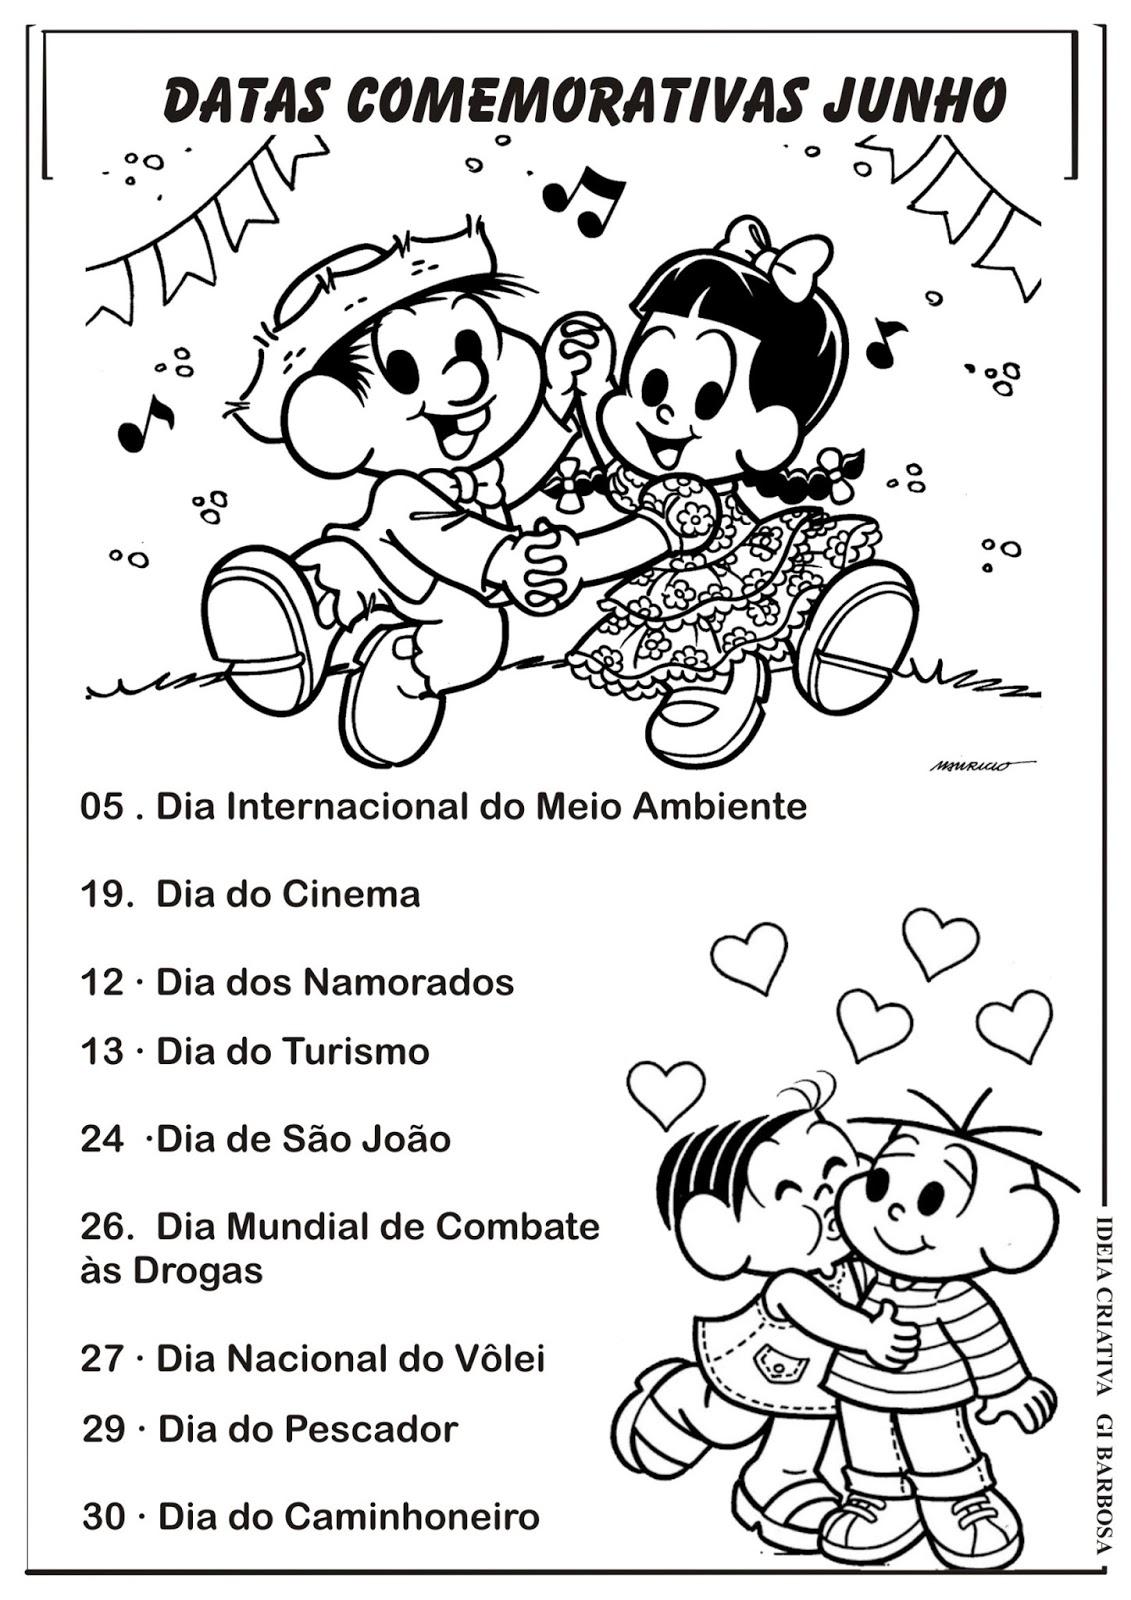 Populares Datas Comemorativas Mês de Junho | Ideia Criativa - Gi Barbosa  BX57